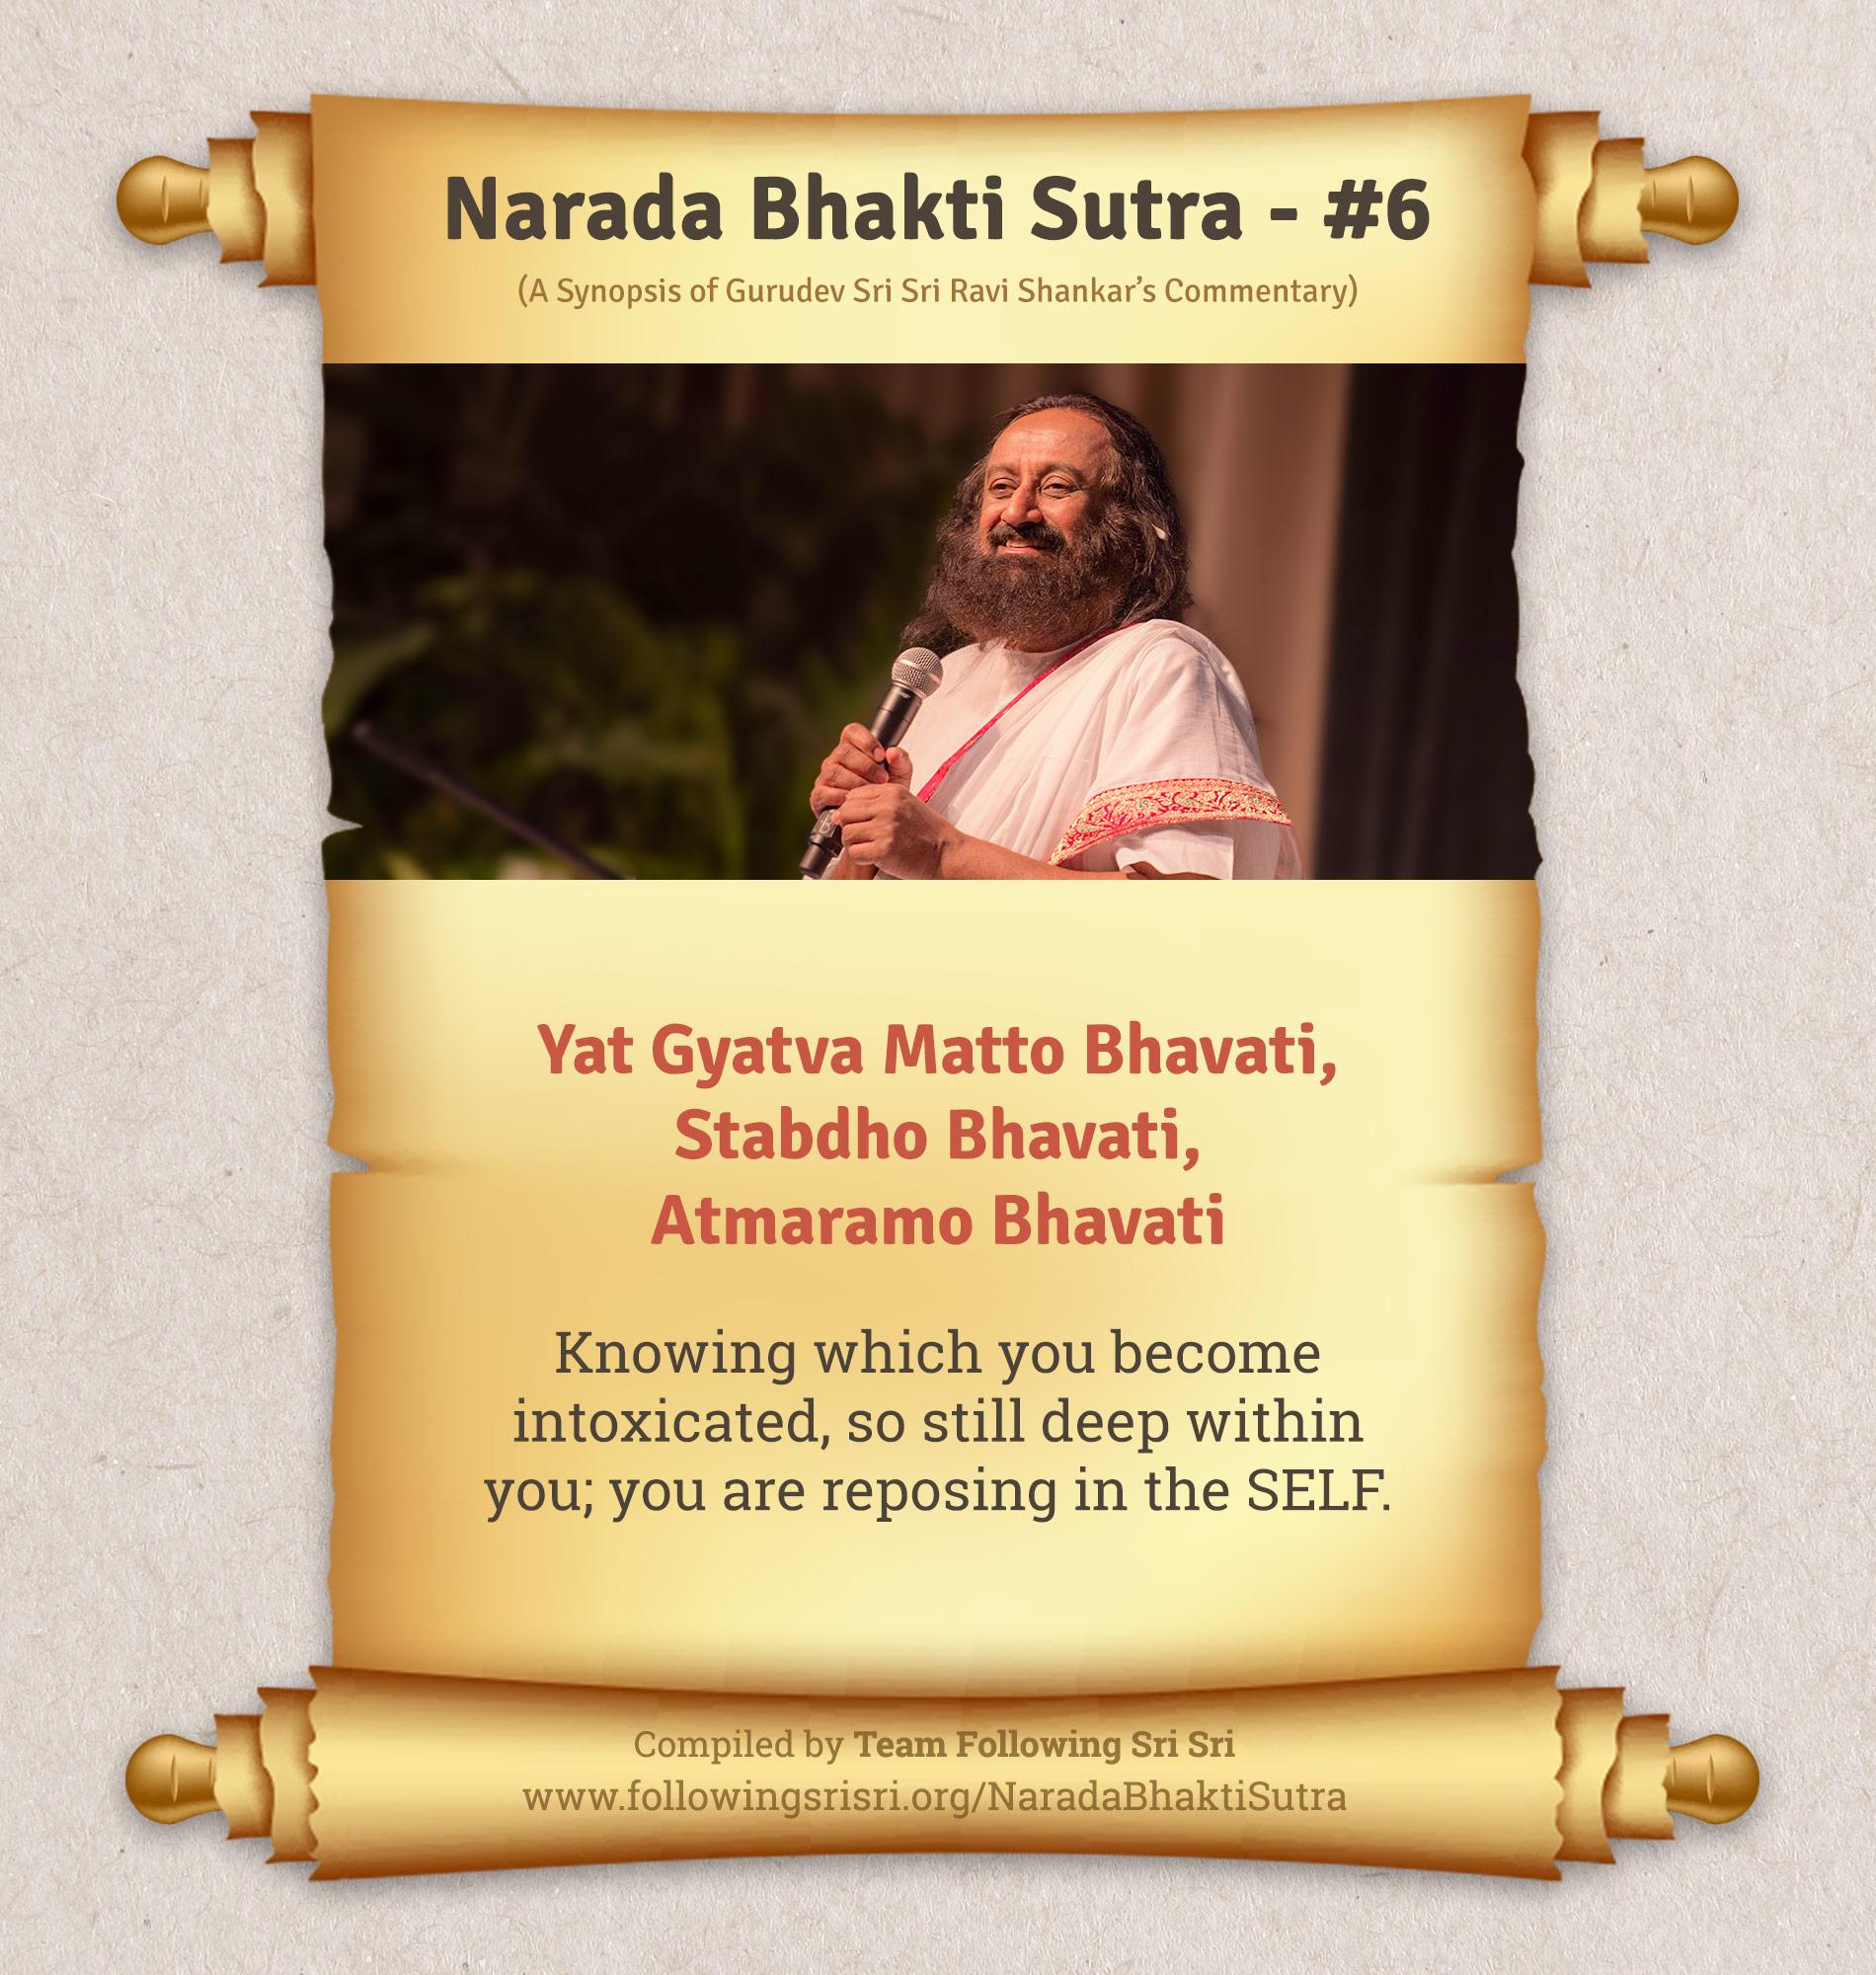 Narada Bhakti Sutras - Sutra 6